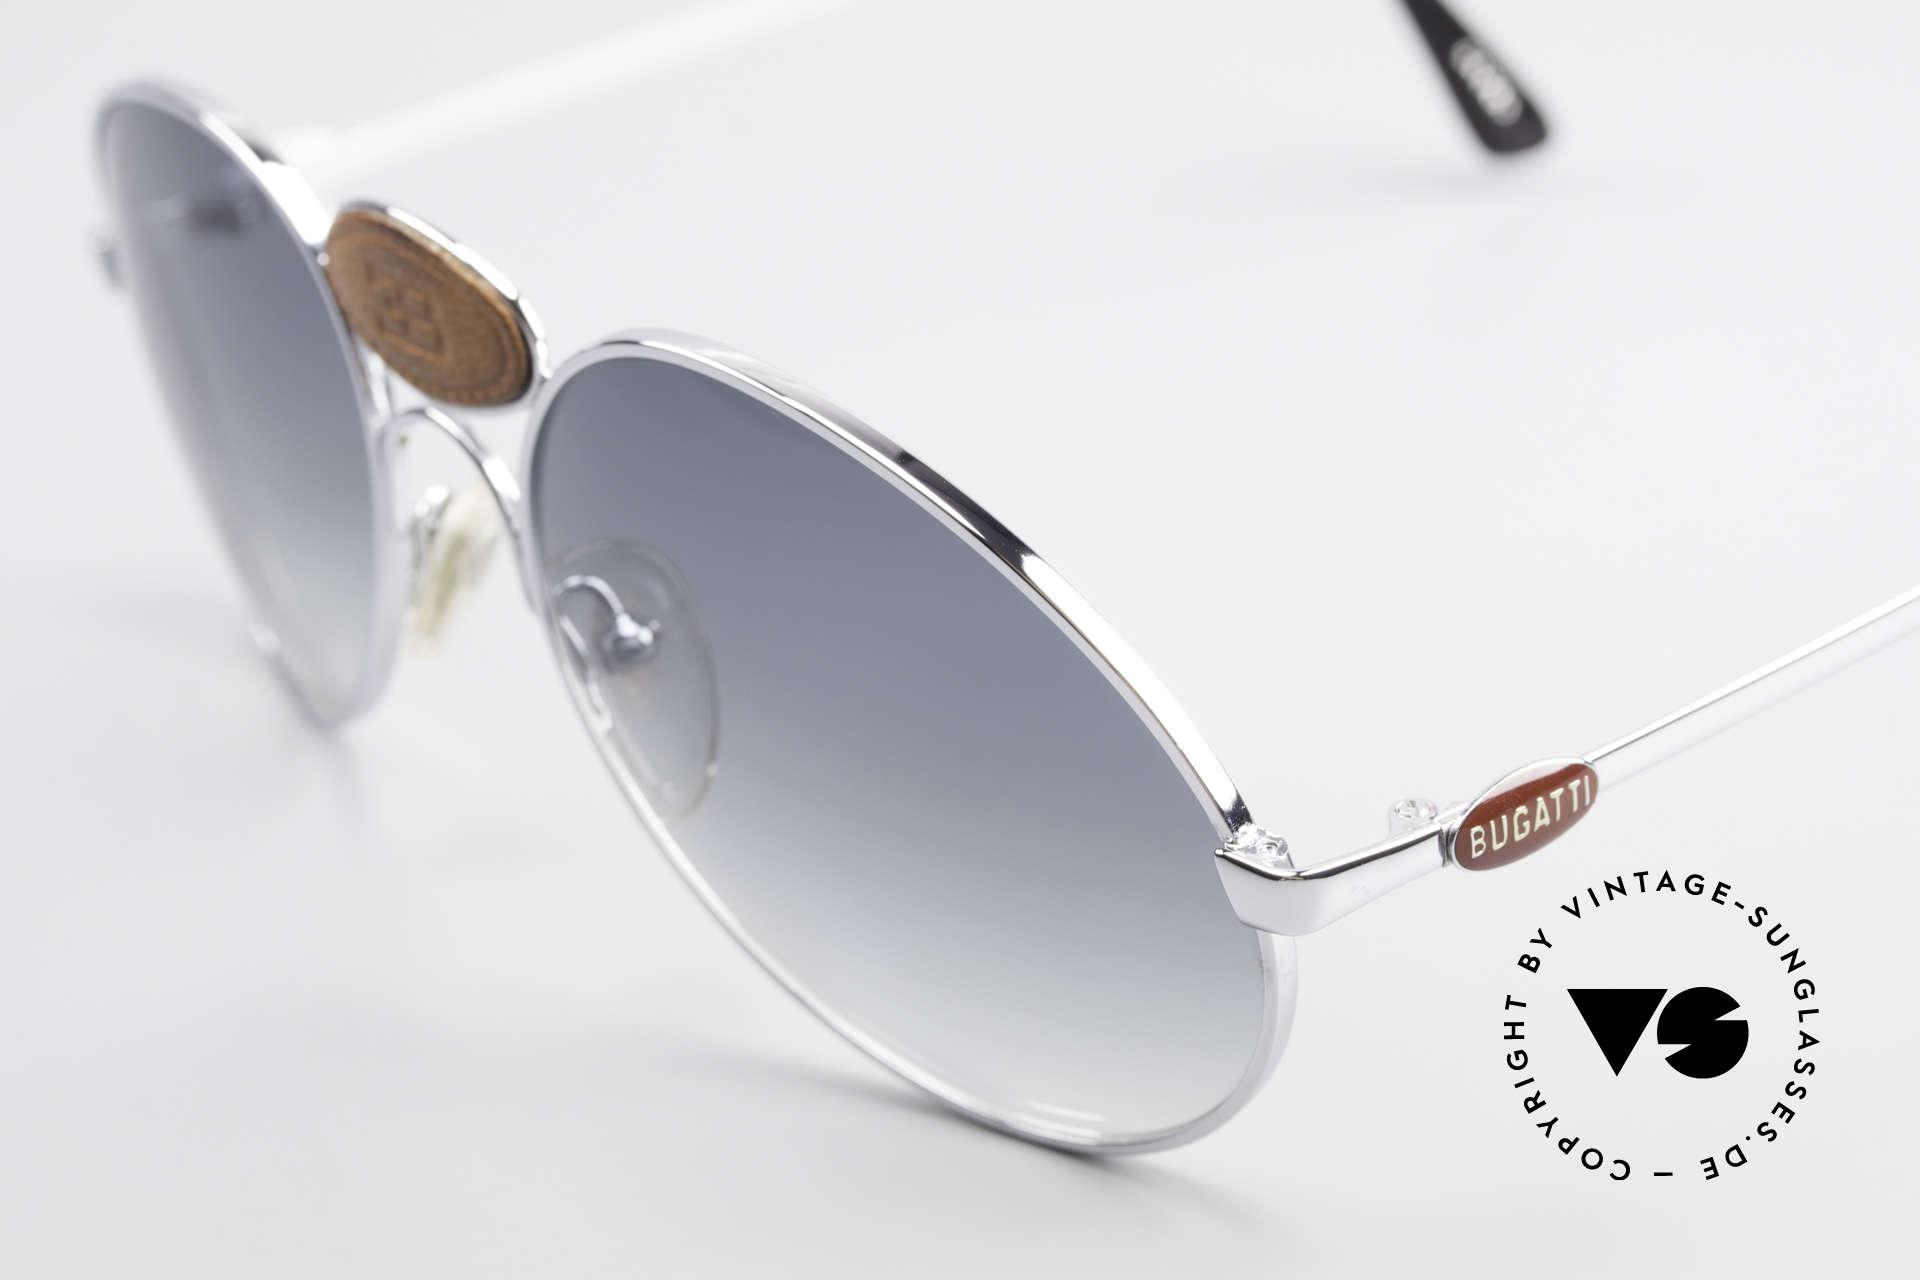 Bugatti 64745 Rare Collector's Sunglasses, never worn (like all our old 70's Bugatti sunglasses), Made for Men